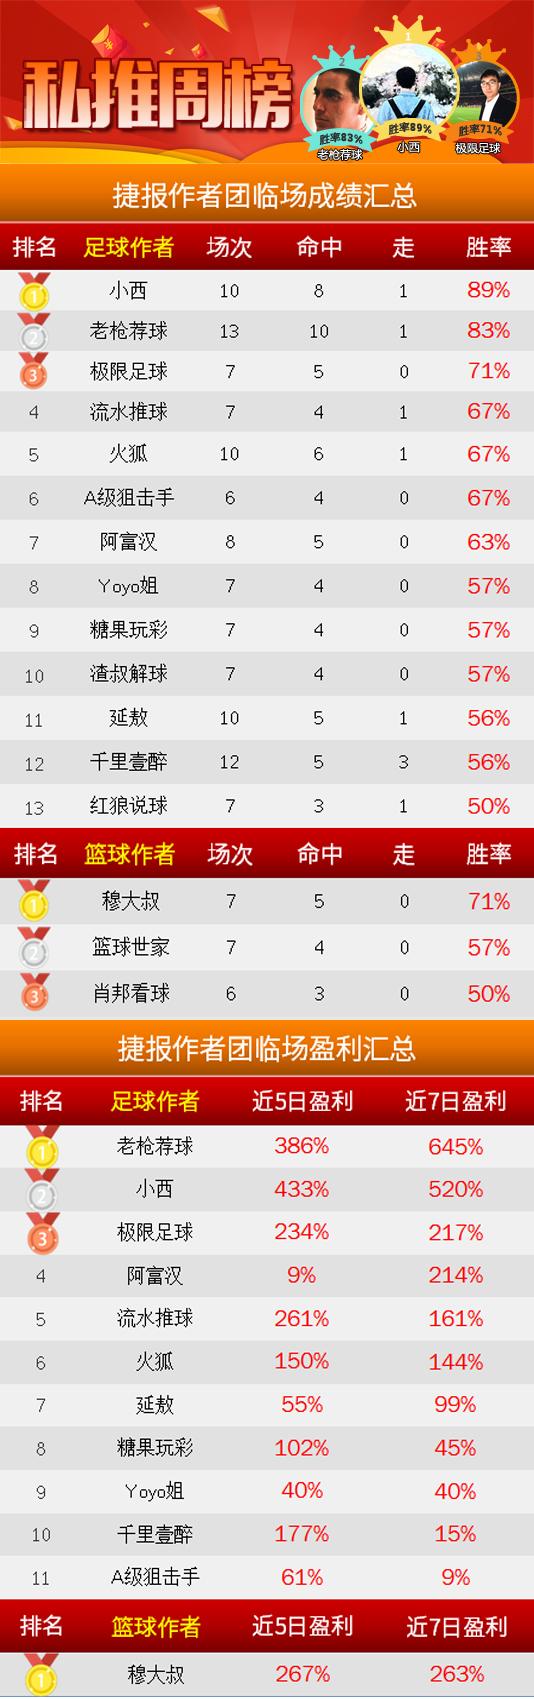 作者周榜:小西临场胜率89% 强震波两周胜率超8成